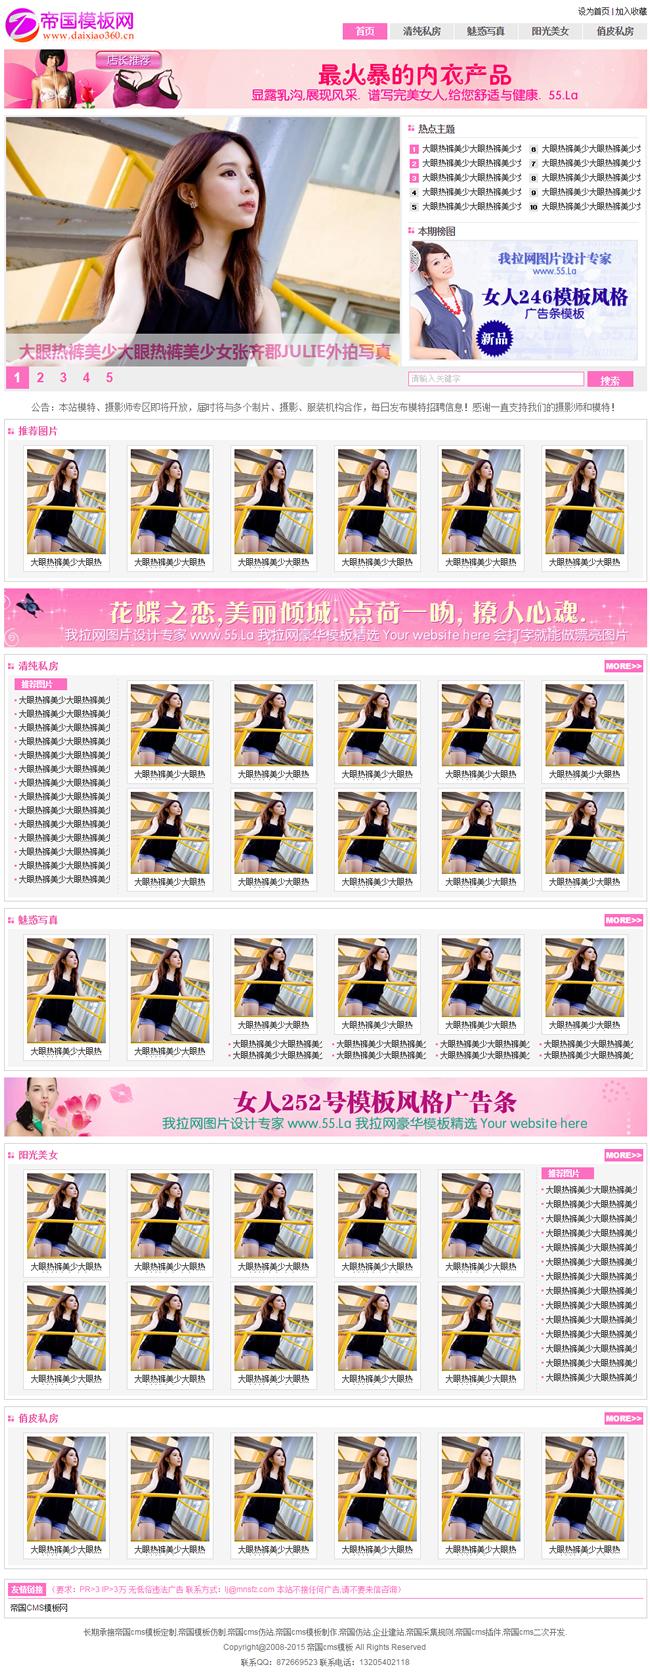 帝国cms美女图片模板帝国紫色图片模板_首页